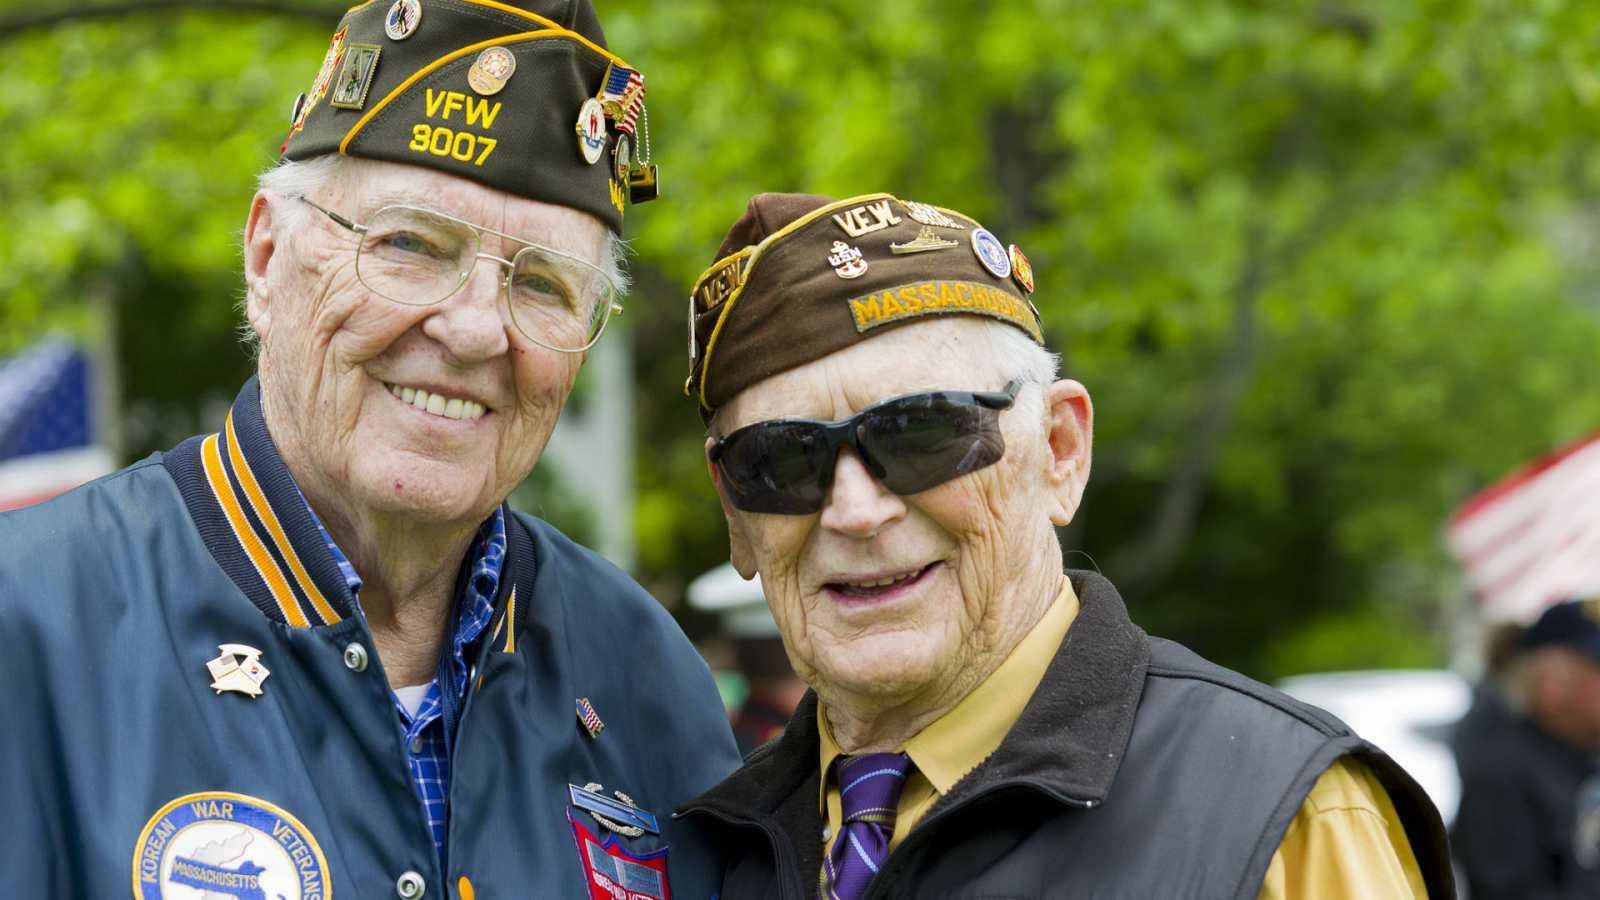 Canal Europa - Segunda Guerra Mundial: Veteranos se enfrentan al coronavirus - 12/05/20 - escuchar ahora